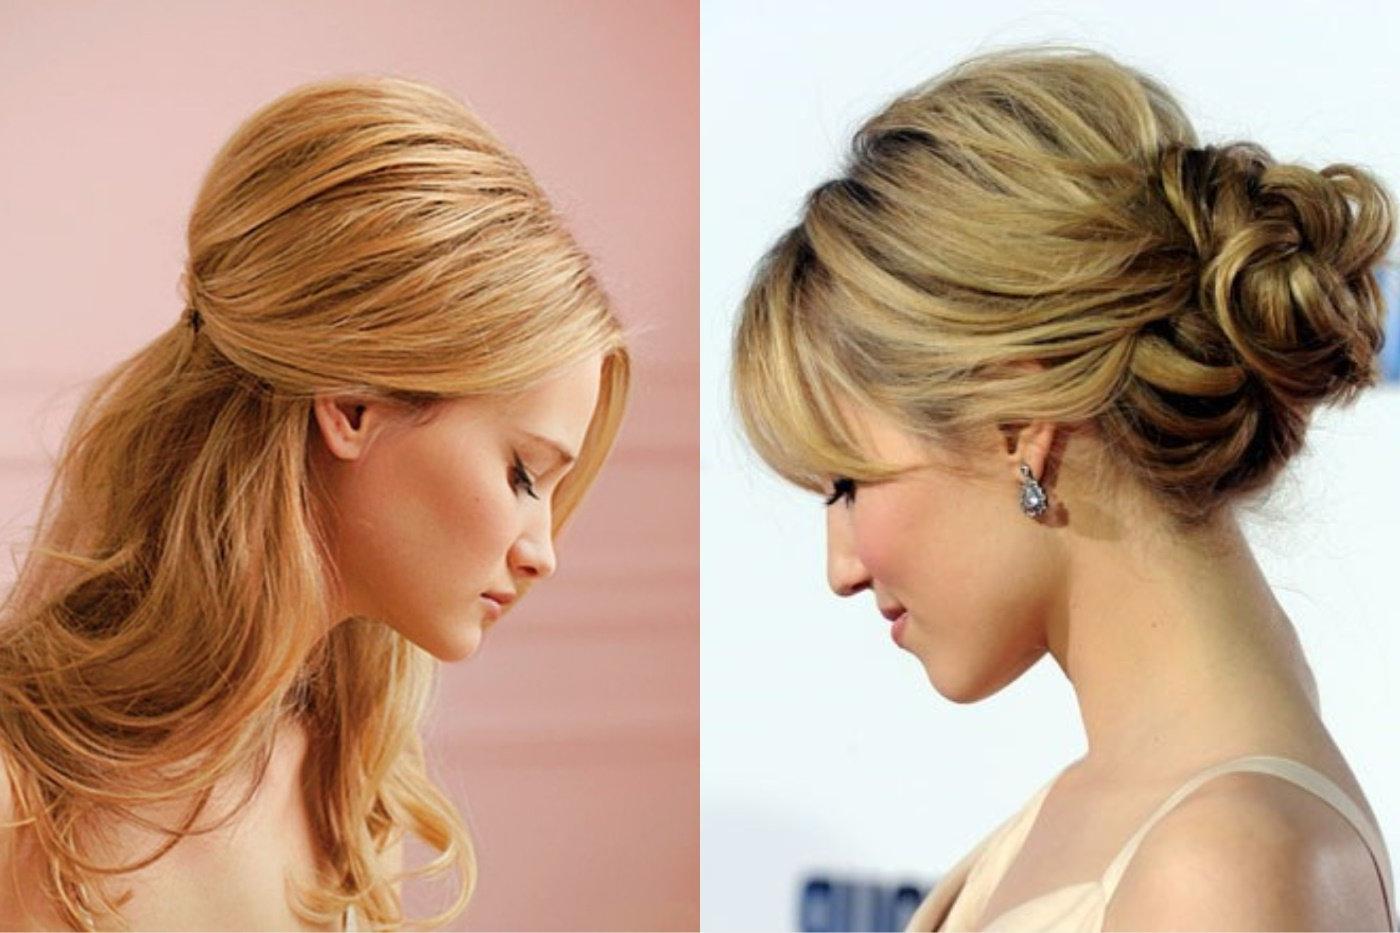 Coiffure attachée - Cheveux surélevés dans un style décontracté